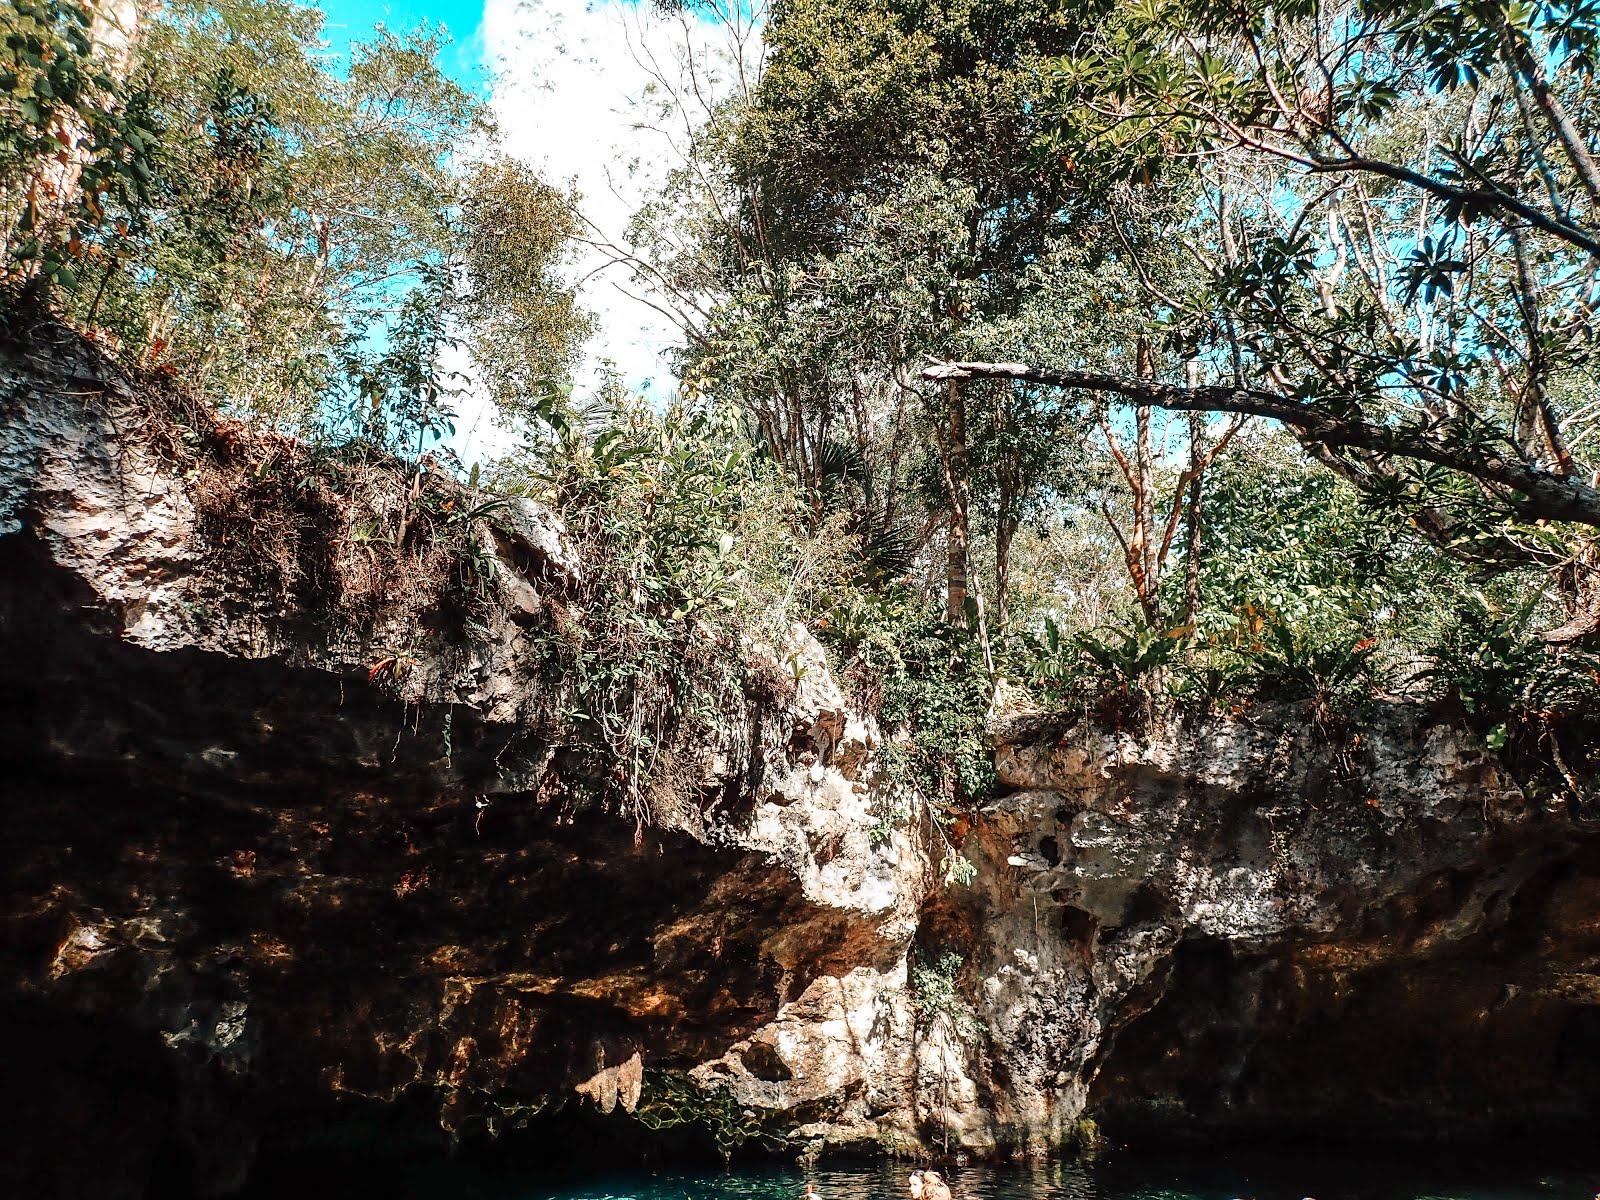 gran cenote est un puit d'eau douce à Tulum